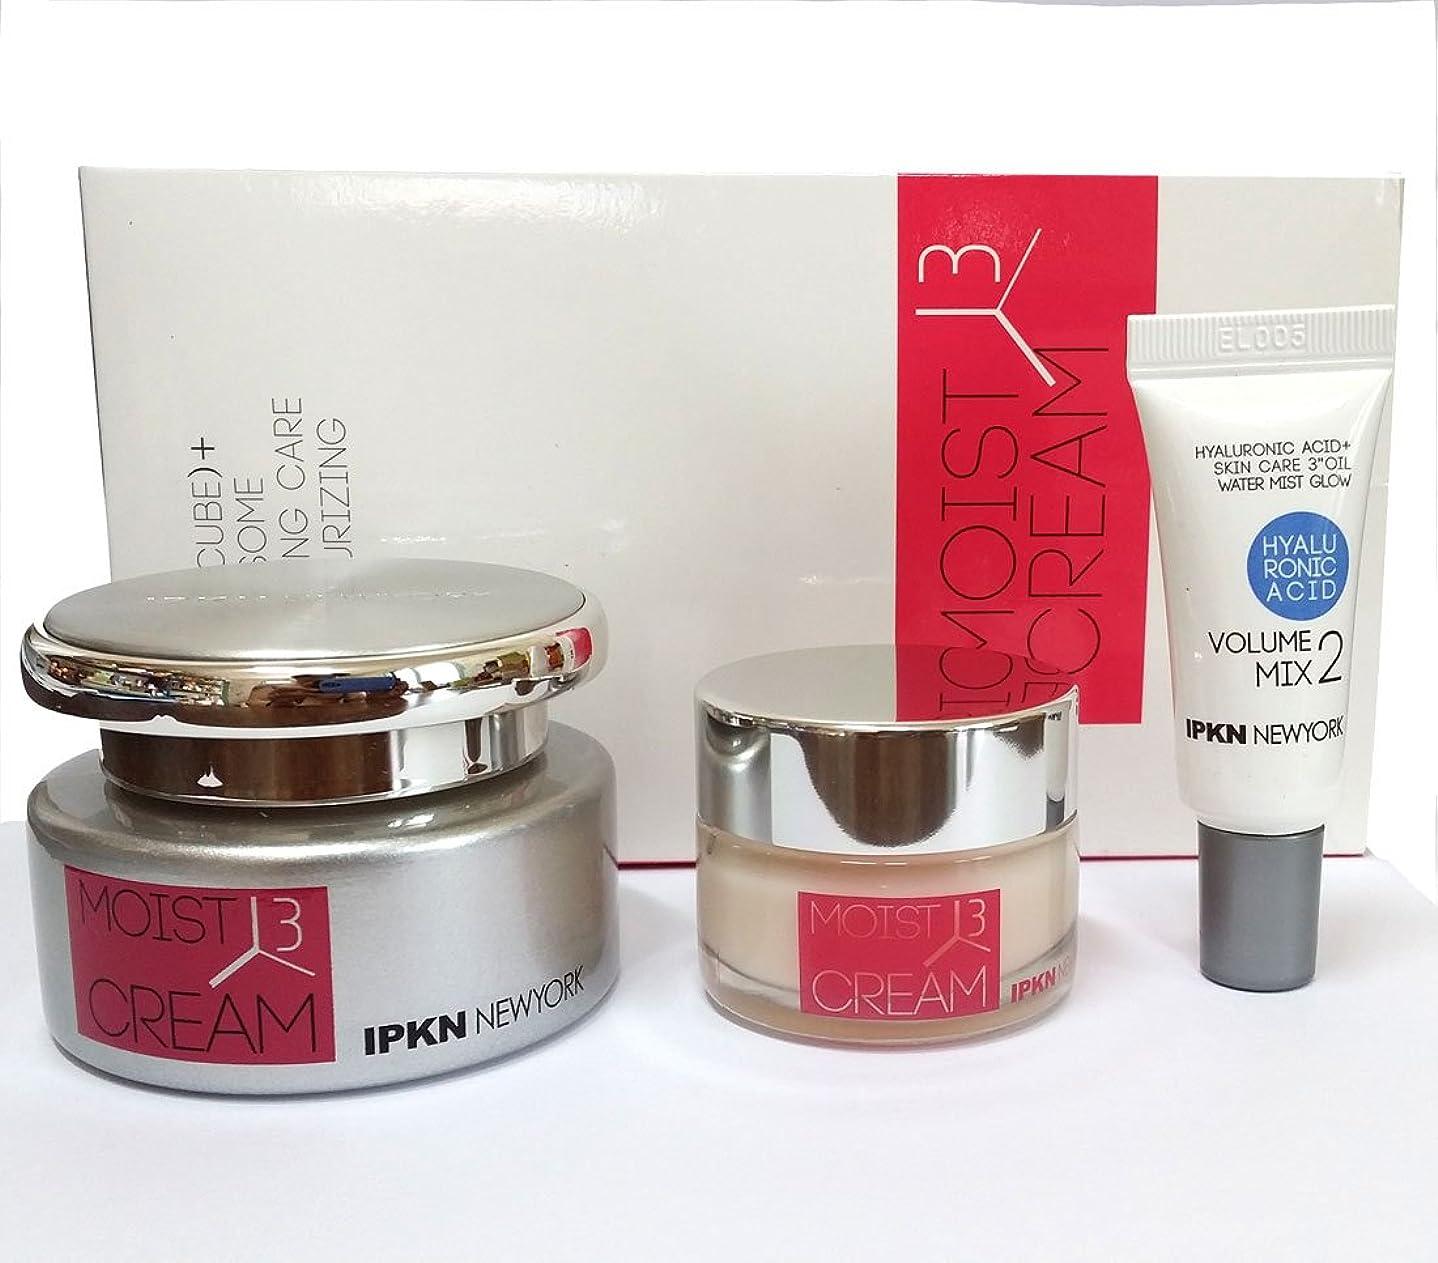 説得力のある邪魔する駐地[IPKN] ニューヨークモイスト3(CUBE)ファーミングクリーム50g + 20g /ヒアルロン酸ボリュームミックス2 25ml / New York Moist 3 (CUBE)Firming Cream 50g + 20g / Hyaluronic acid Volume Mix2 25ml /水分、スムース、コラーゲン / moisture, Smooth,Collagen / 韓国化粧品 / Korean Cosmetics [並行輸入品]